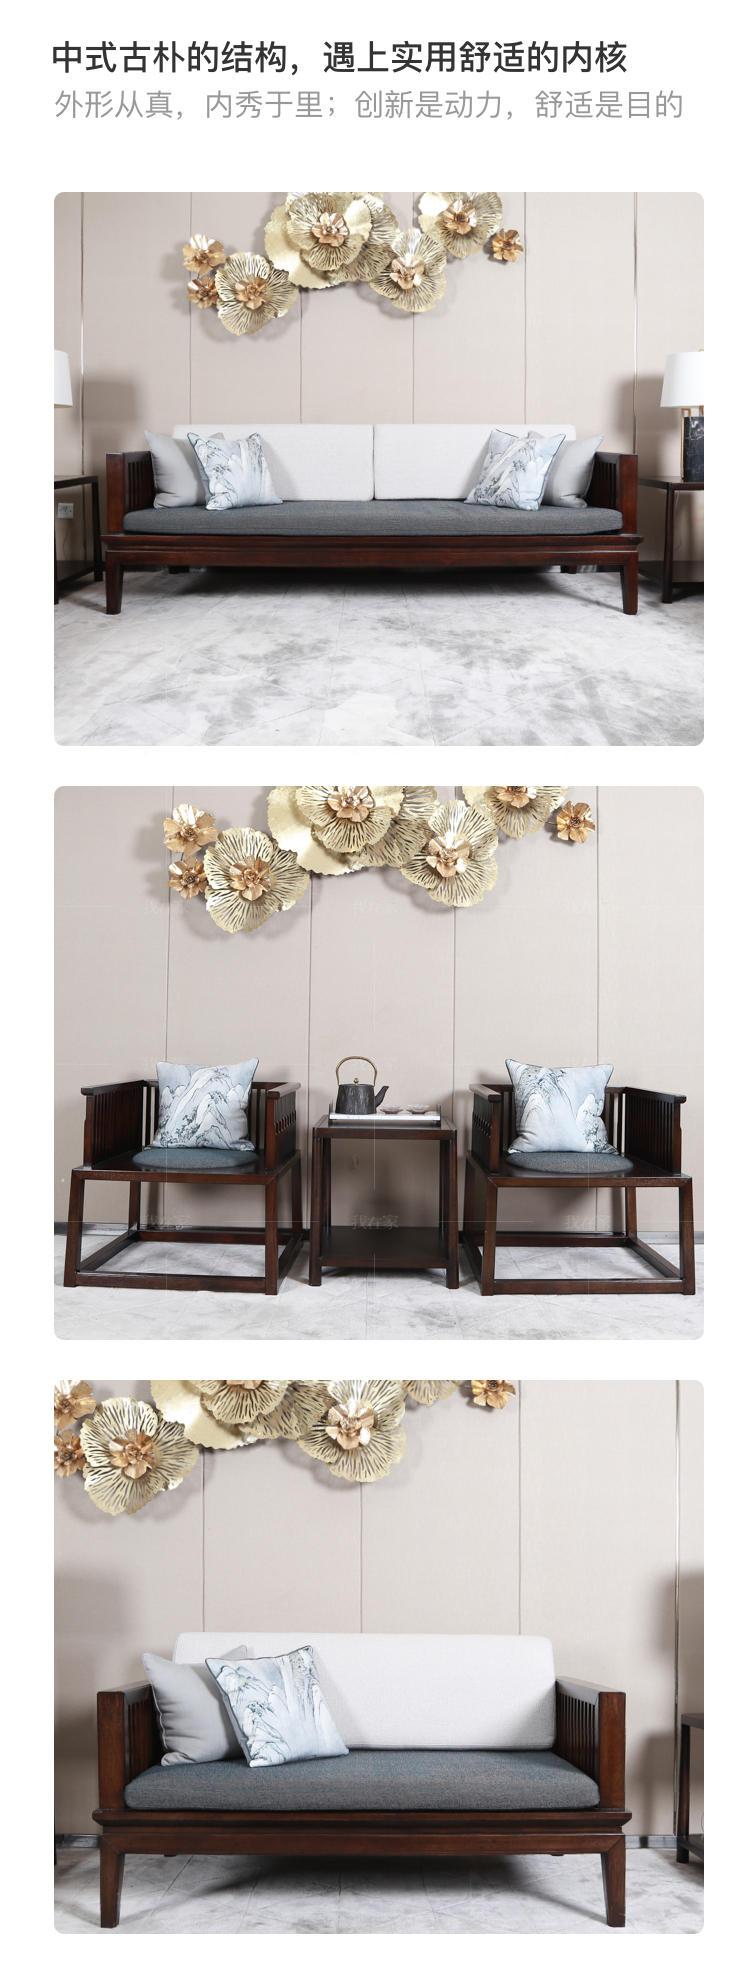 新中式风格吟风沙发的家具详细介绍